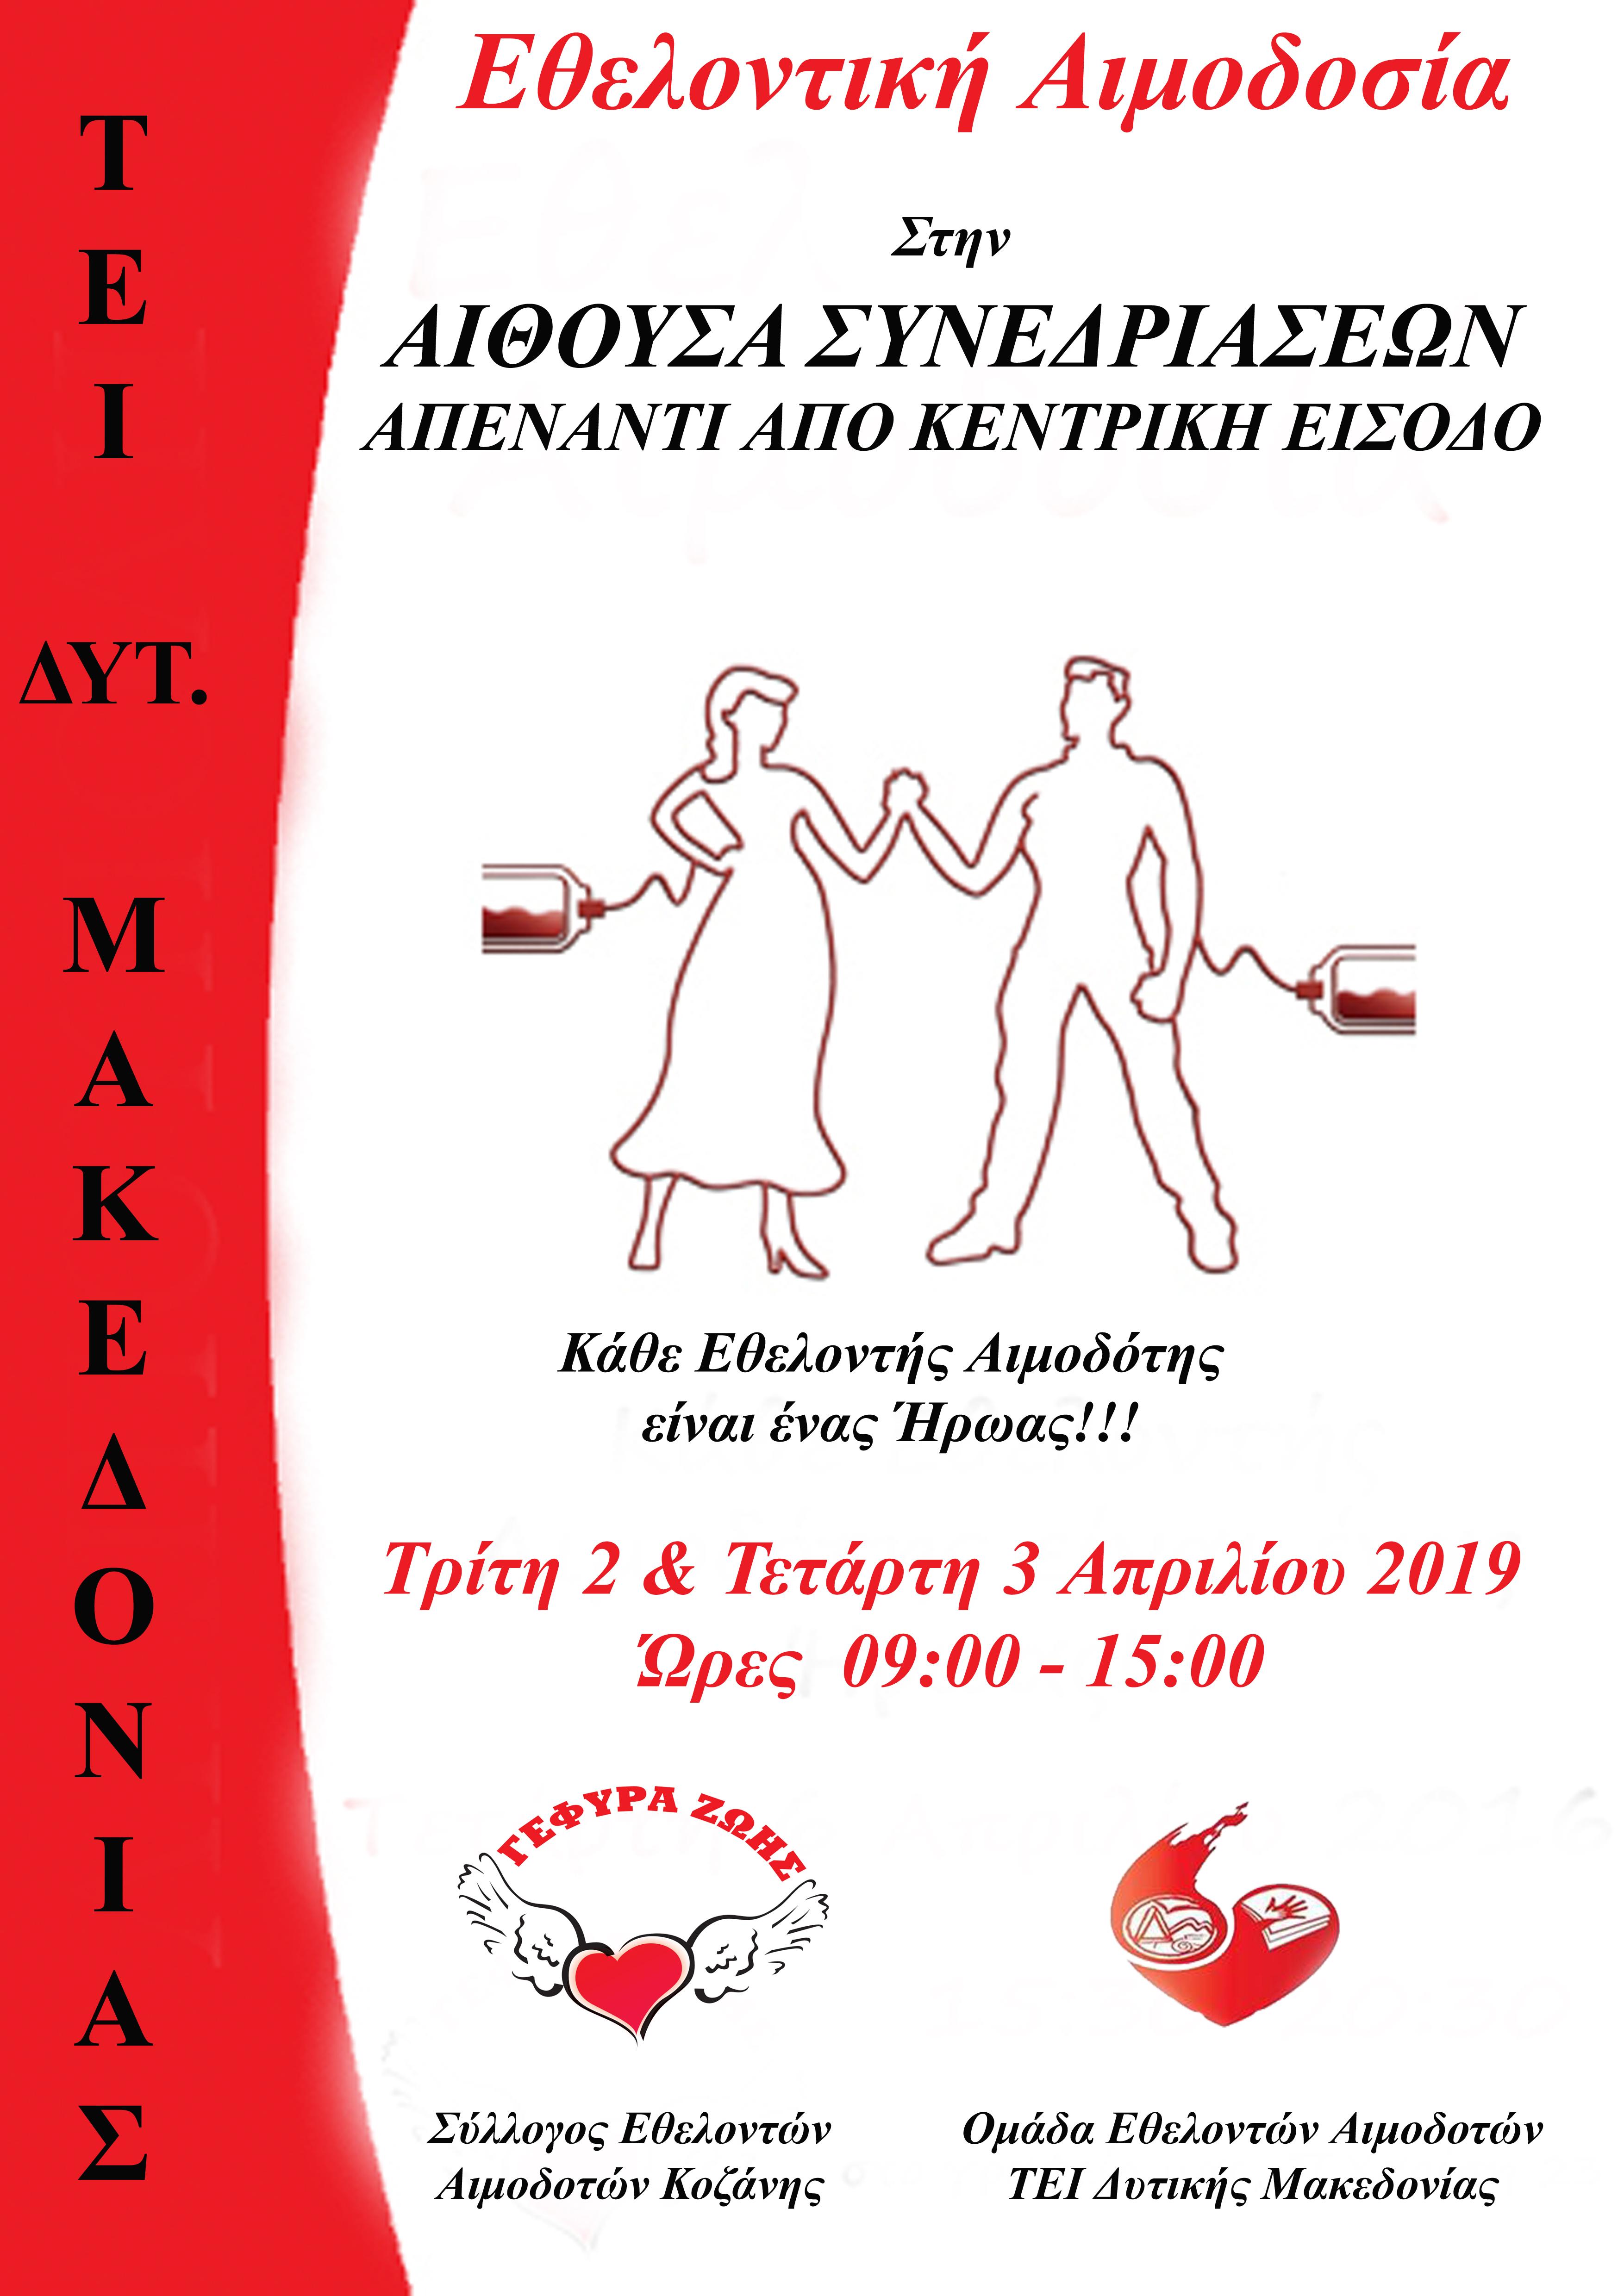 Διήμερη εθελοντική αιμοδοσία στο ΤΕΙ Δυτικής Μακεδονίας